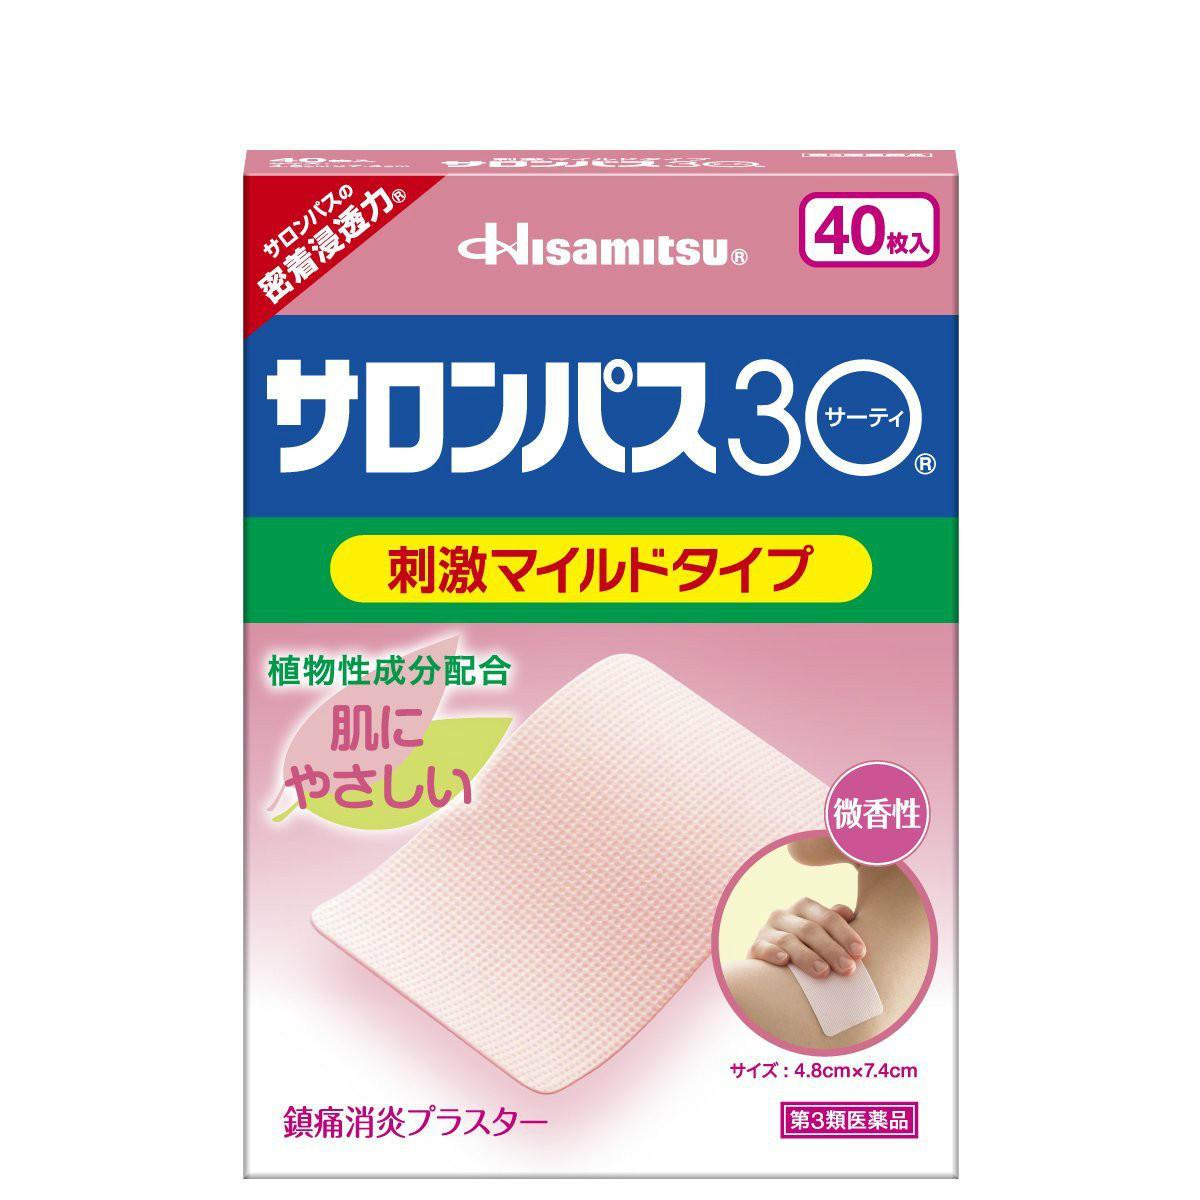 【多庆屋】久光制药 撒隆巴斯30膏贴 40片装 微香型  814日元 约¥49